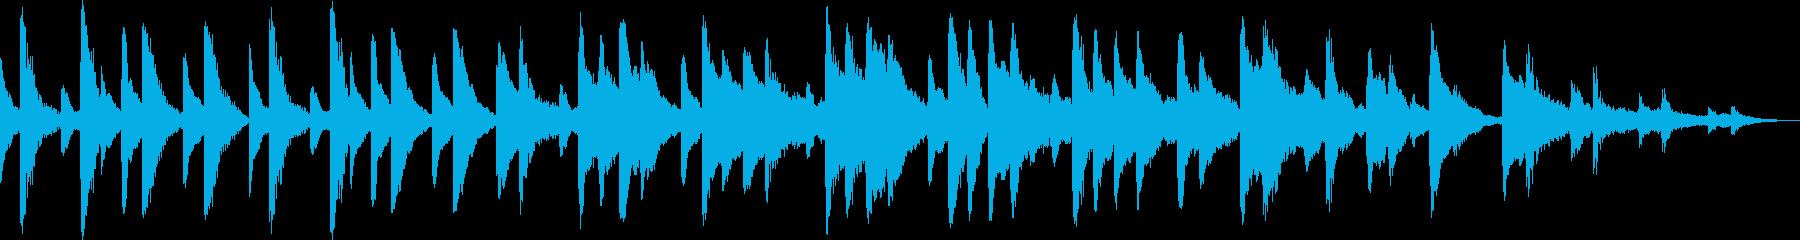 動画 感情的 静か ハイテク 気分...の再生済みの波形